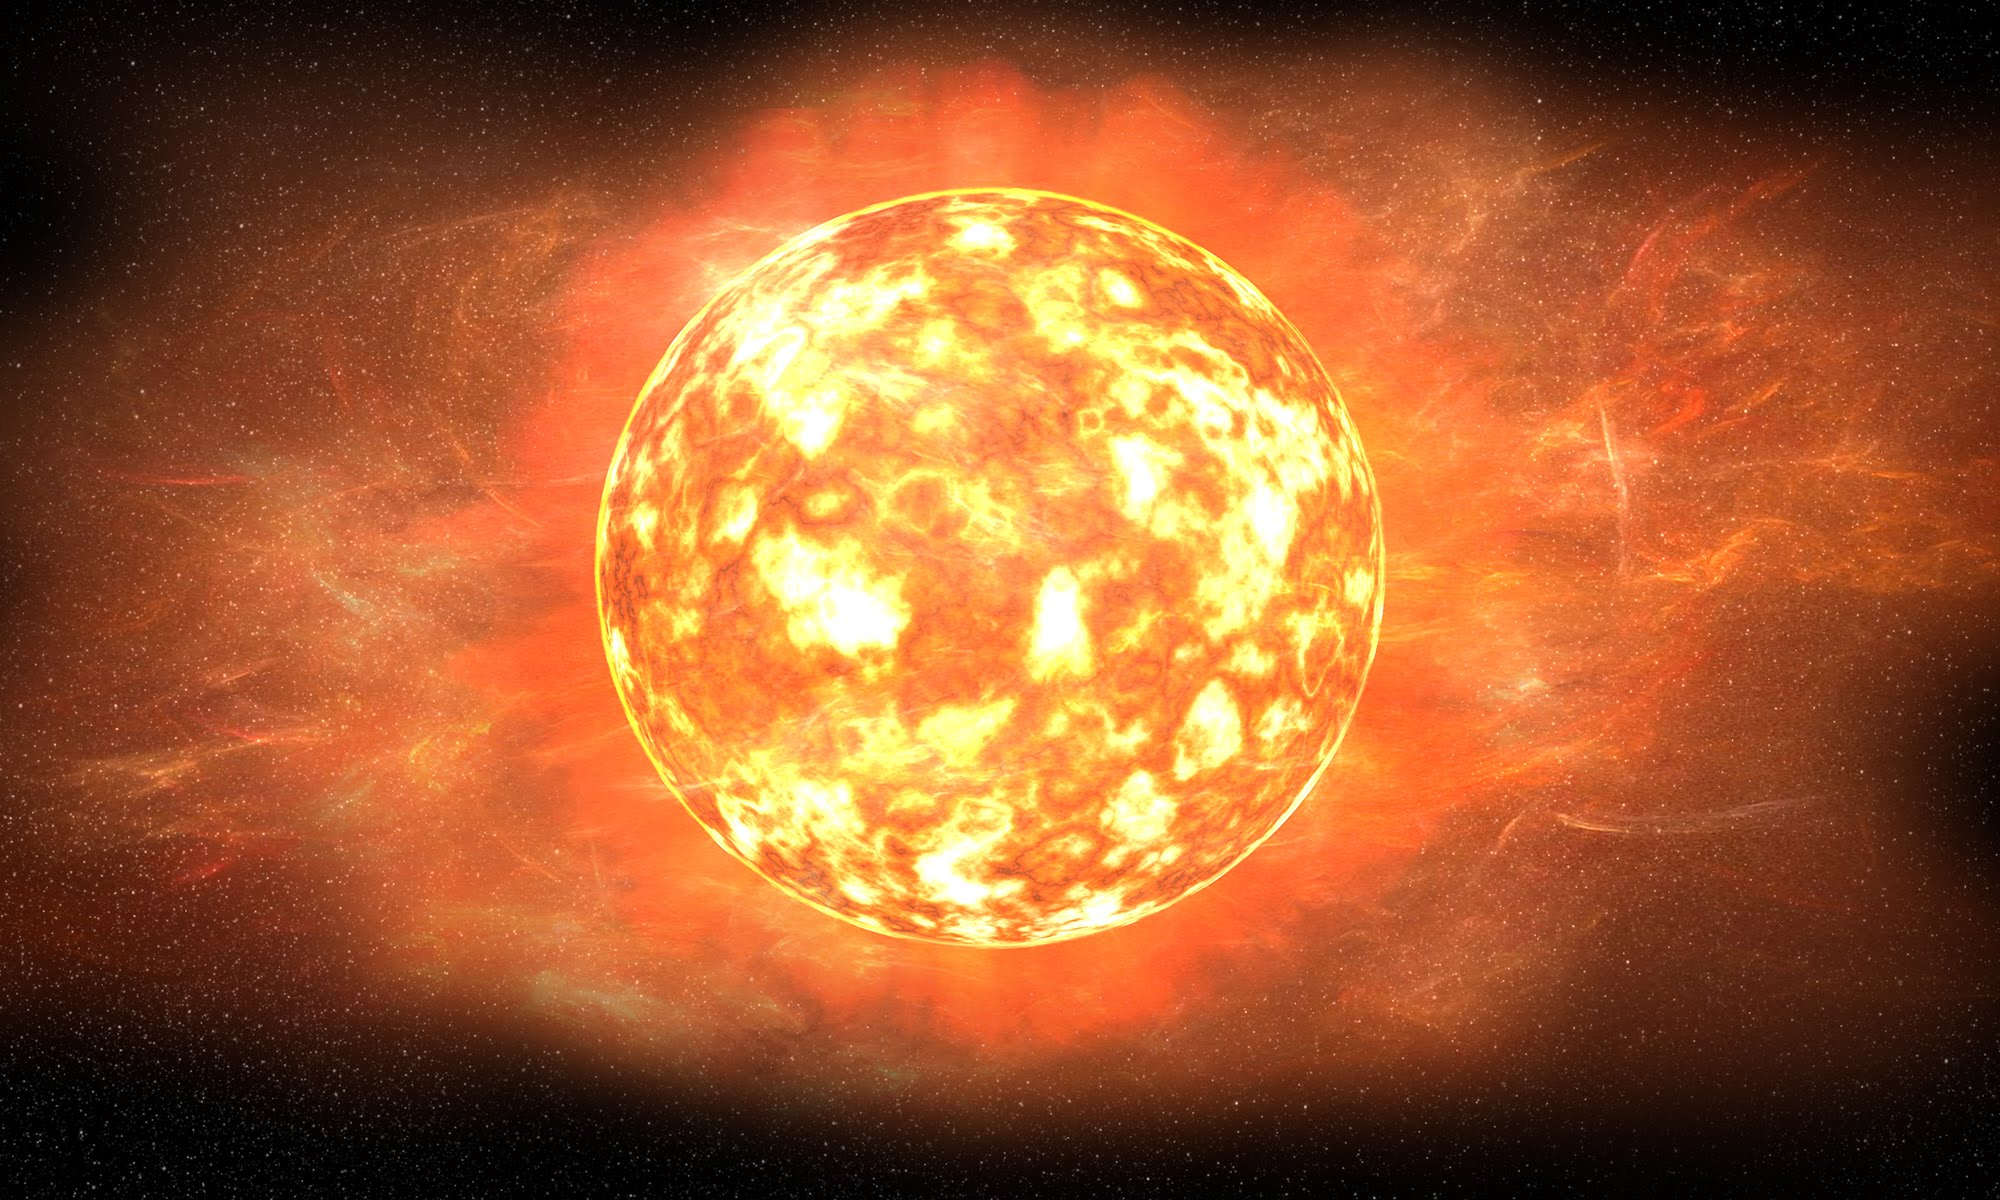 самая большое солнце на картинке питании